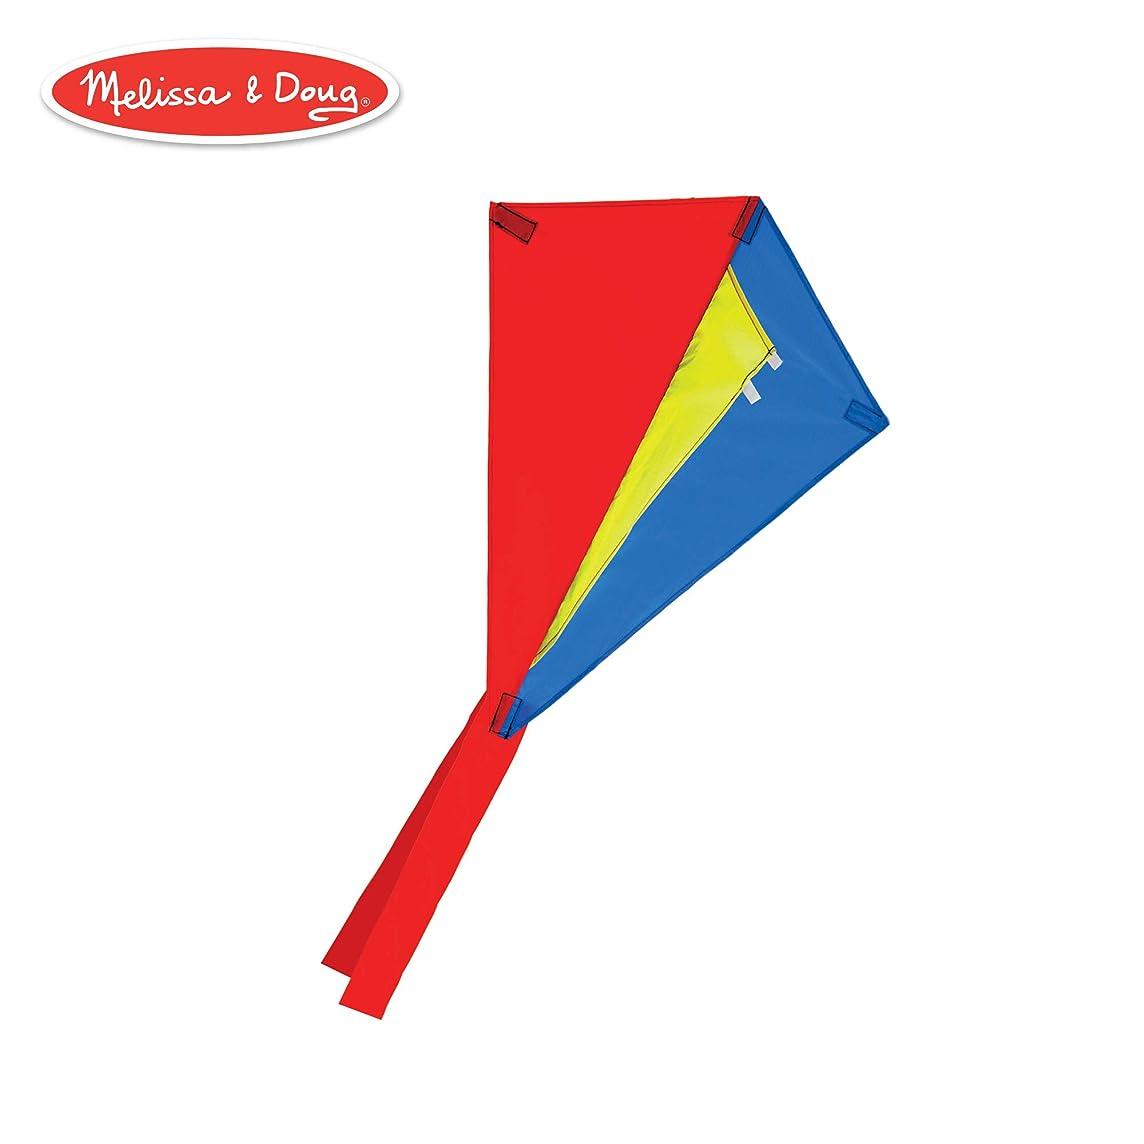 Melissa & Doug Wind Dancer Cutter Kite Children's Kite